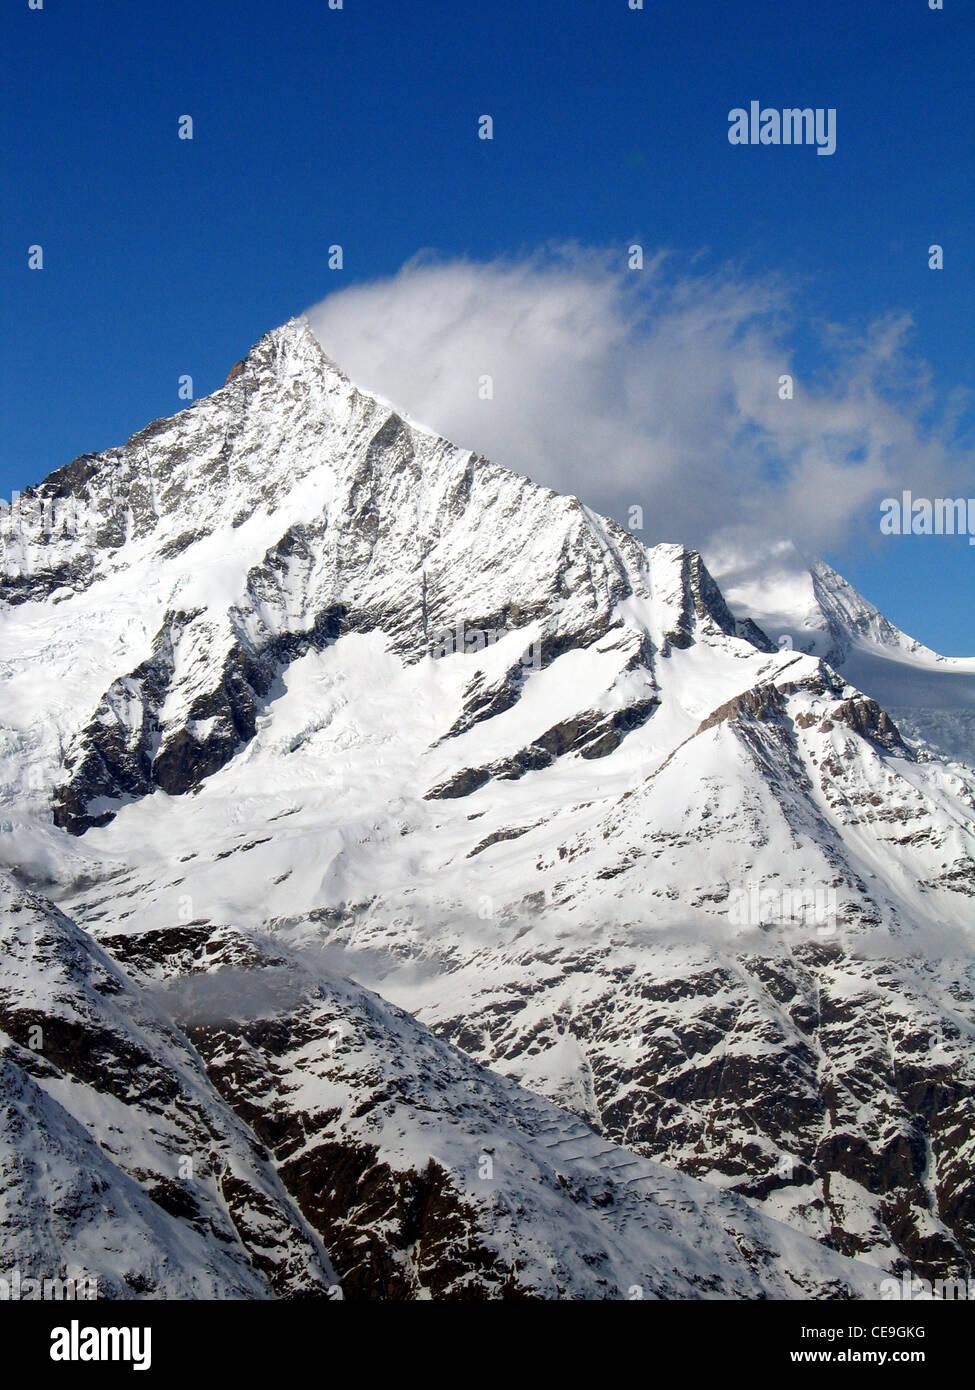 Vue sur le mont Cervin, le mont Cervin ou le mont Cervin Montagne dans les Alpes Pennines à la frontière entre la Banque D'Images